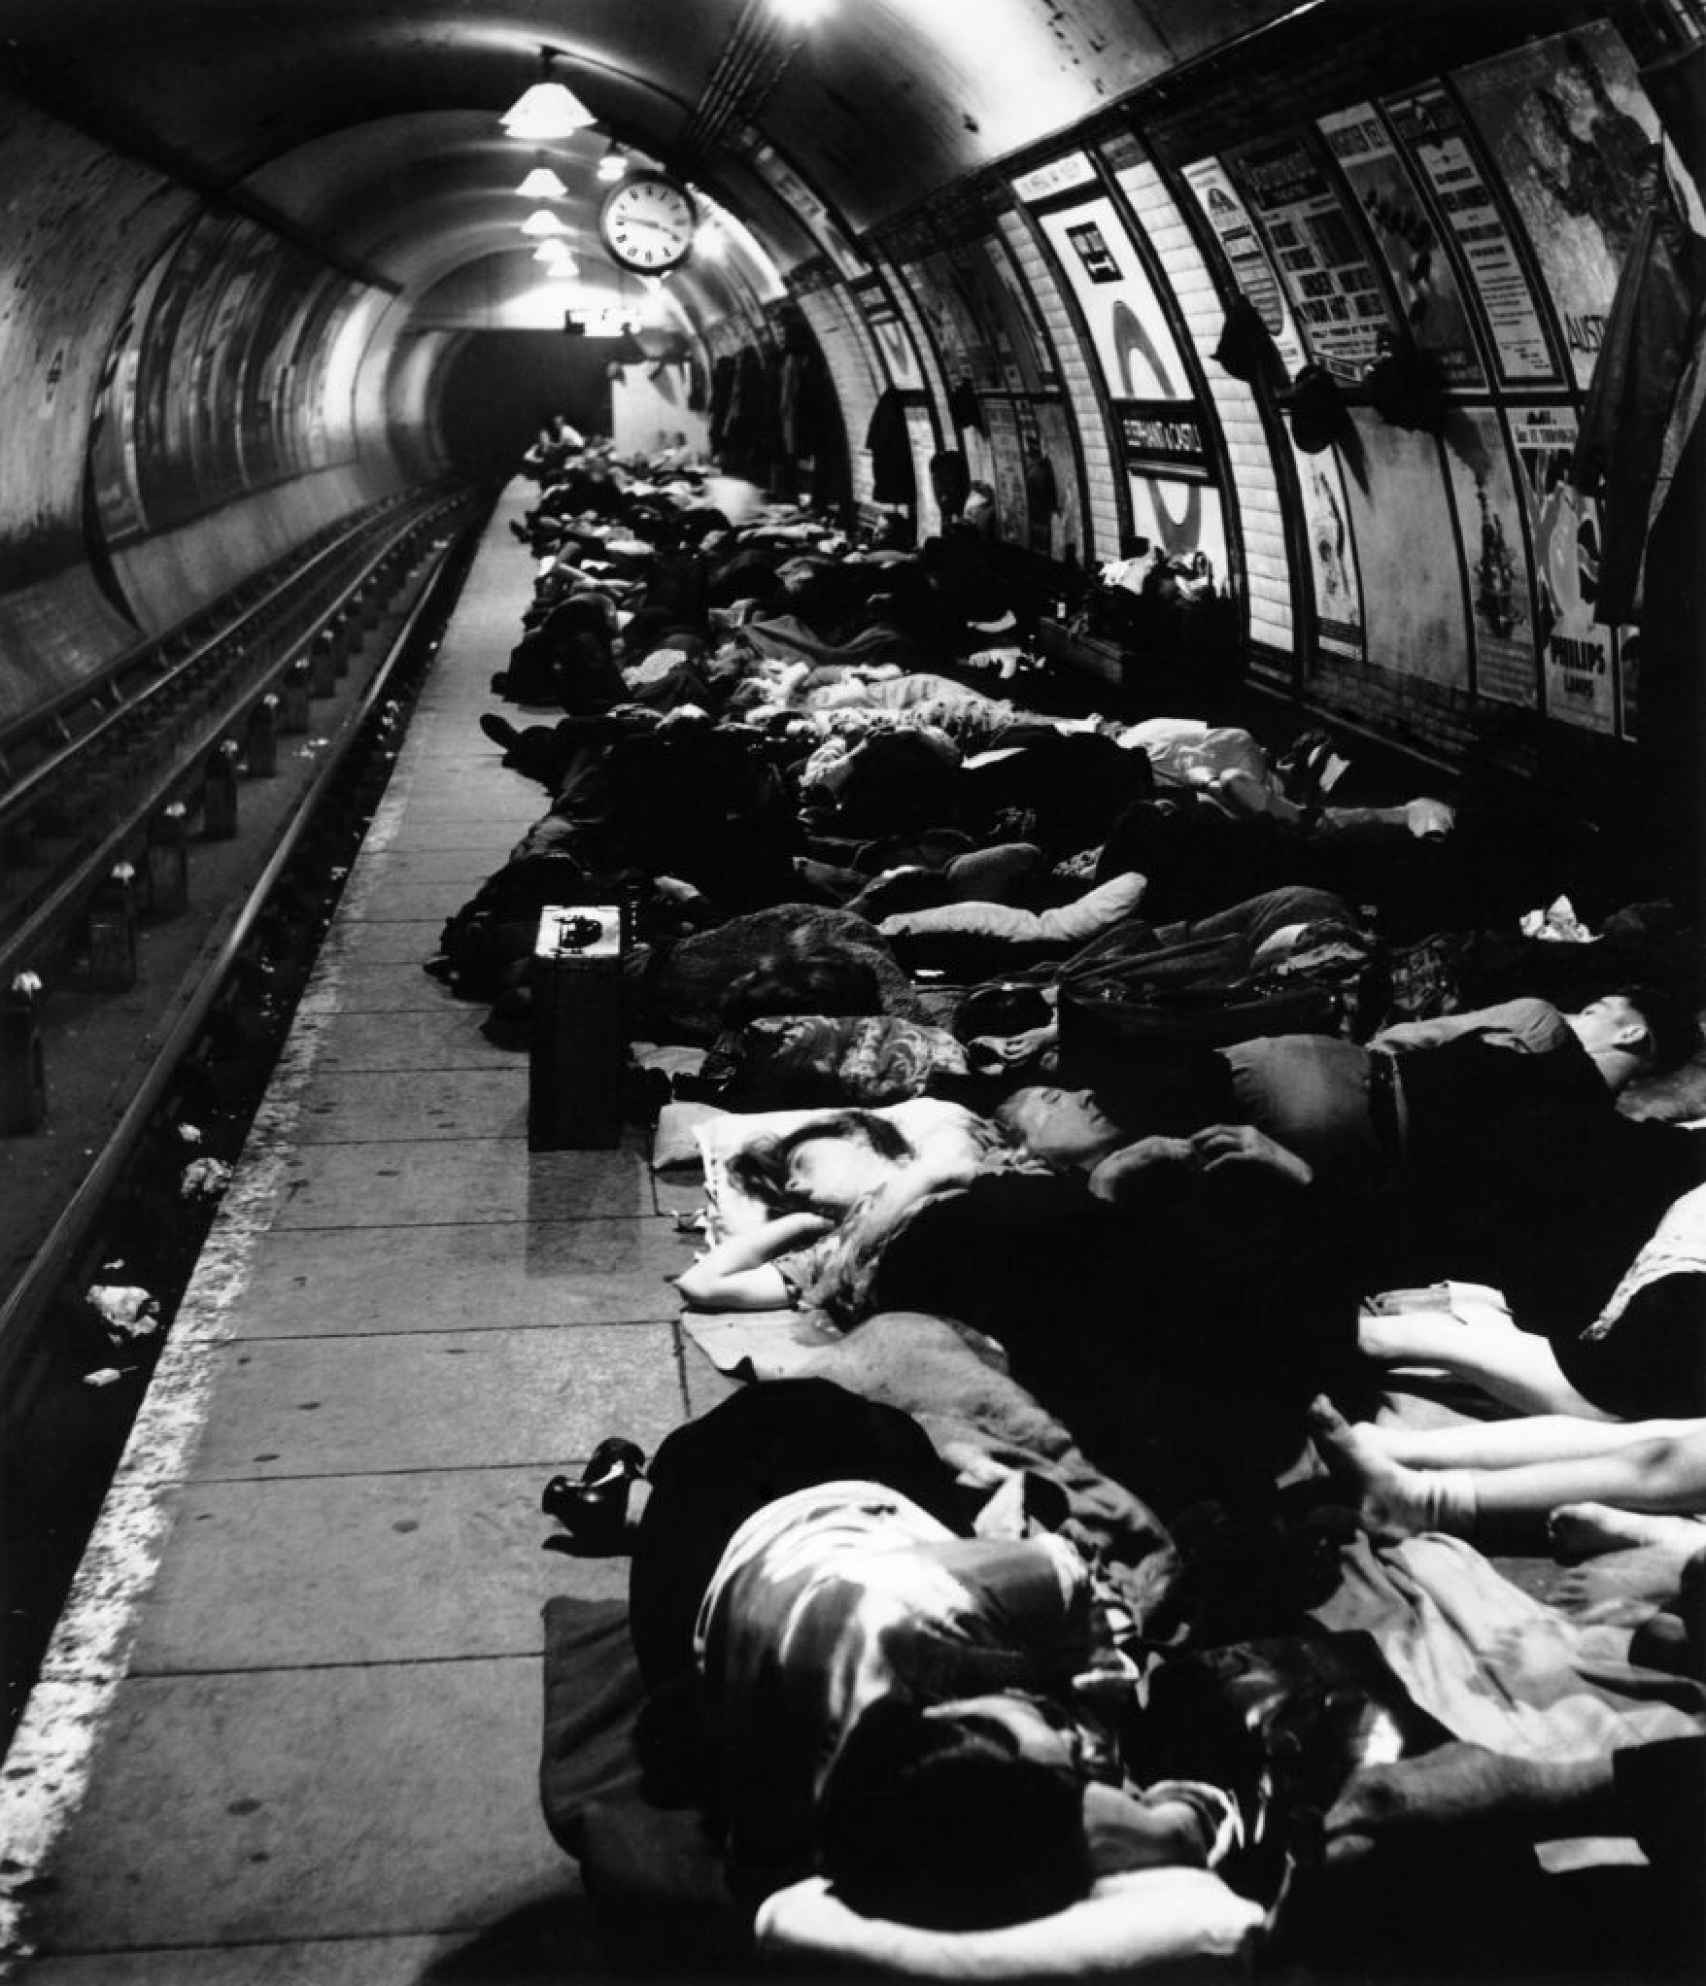 Bill Brandt. Estación de metro de Elephant and Castle, 1940